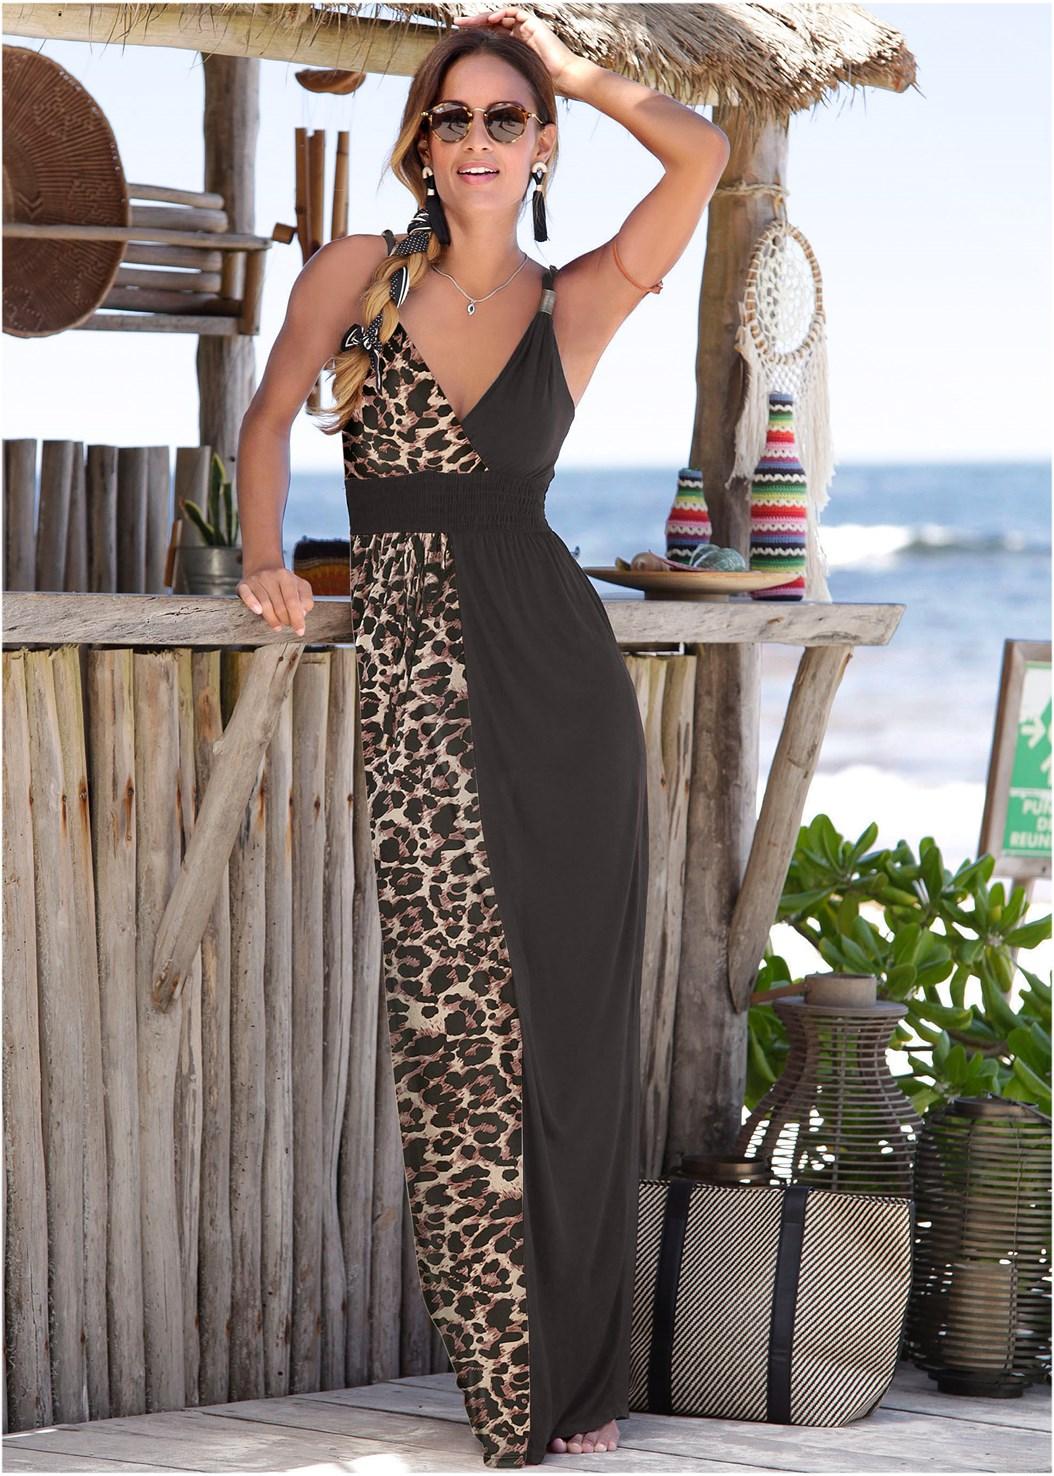 Leopard Detail Maxi Dress,Push Up Bra Buy 2 For $40,Hoop Earrings